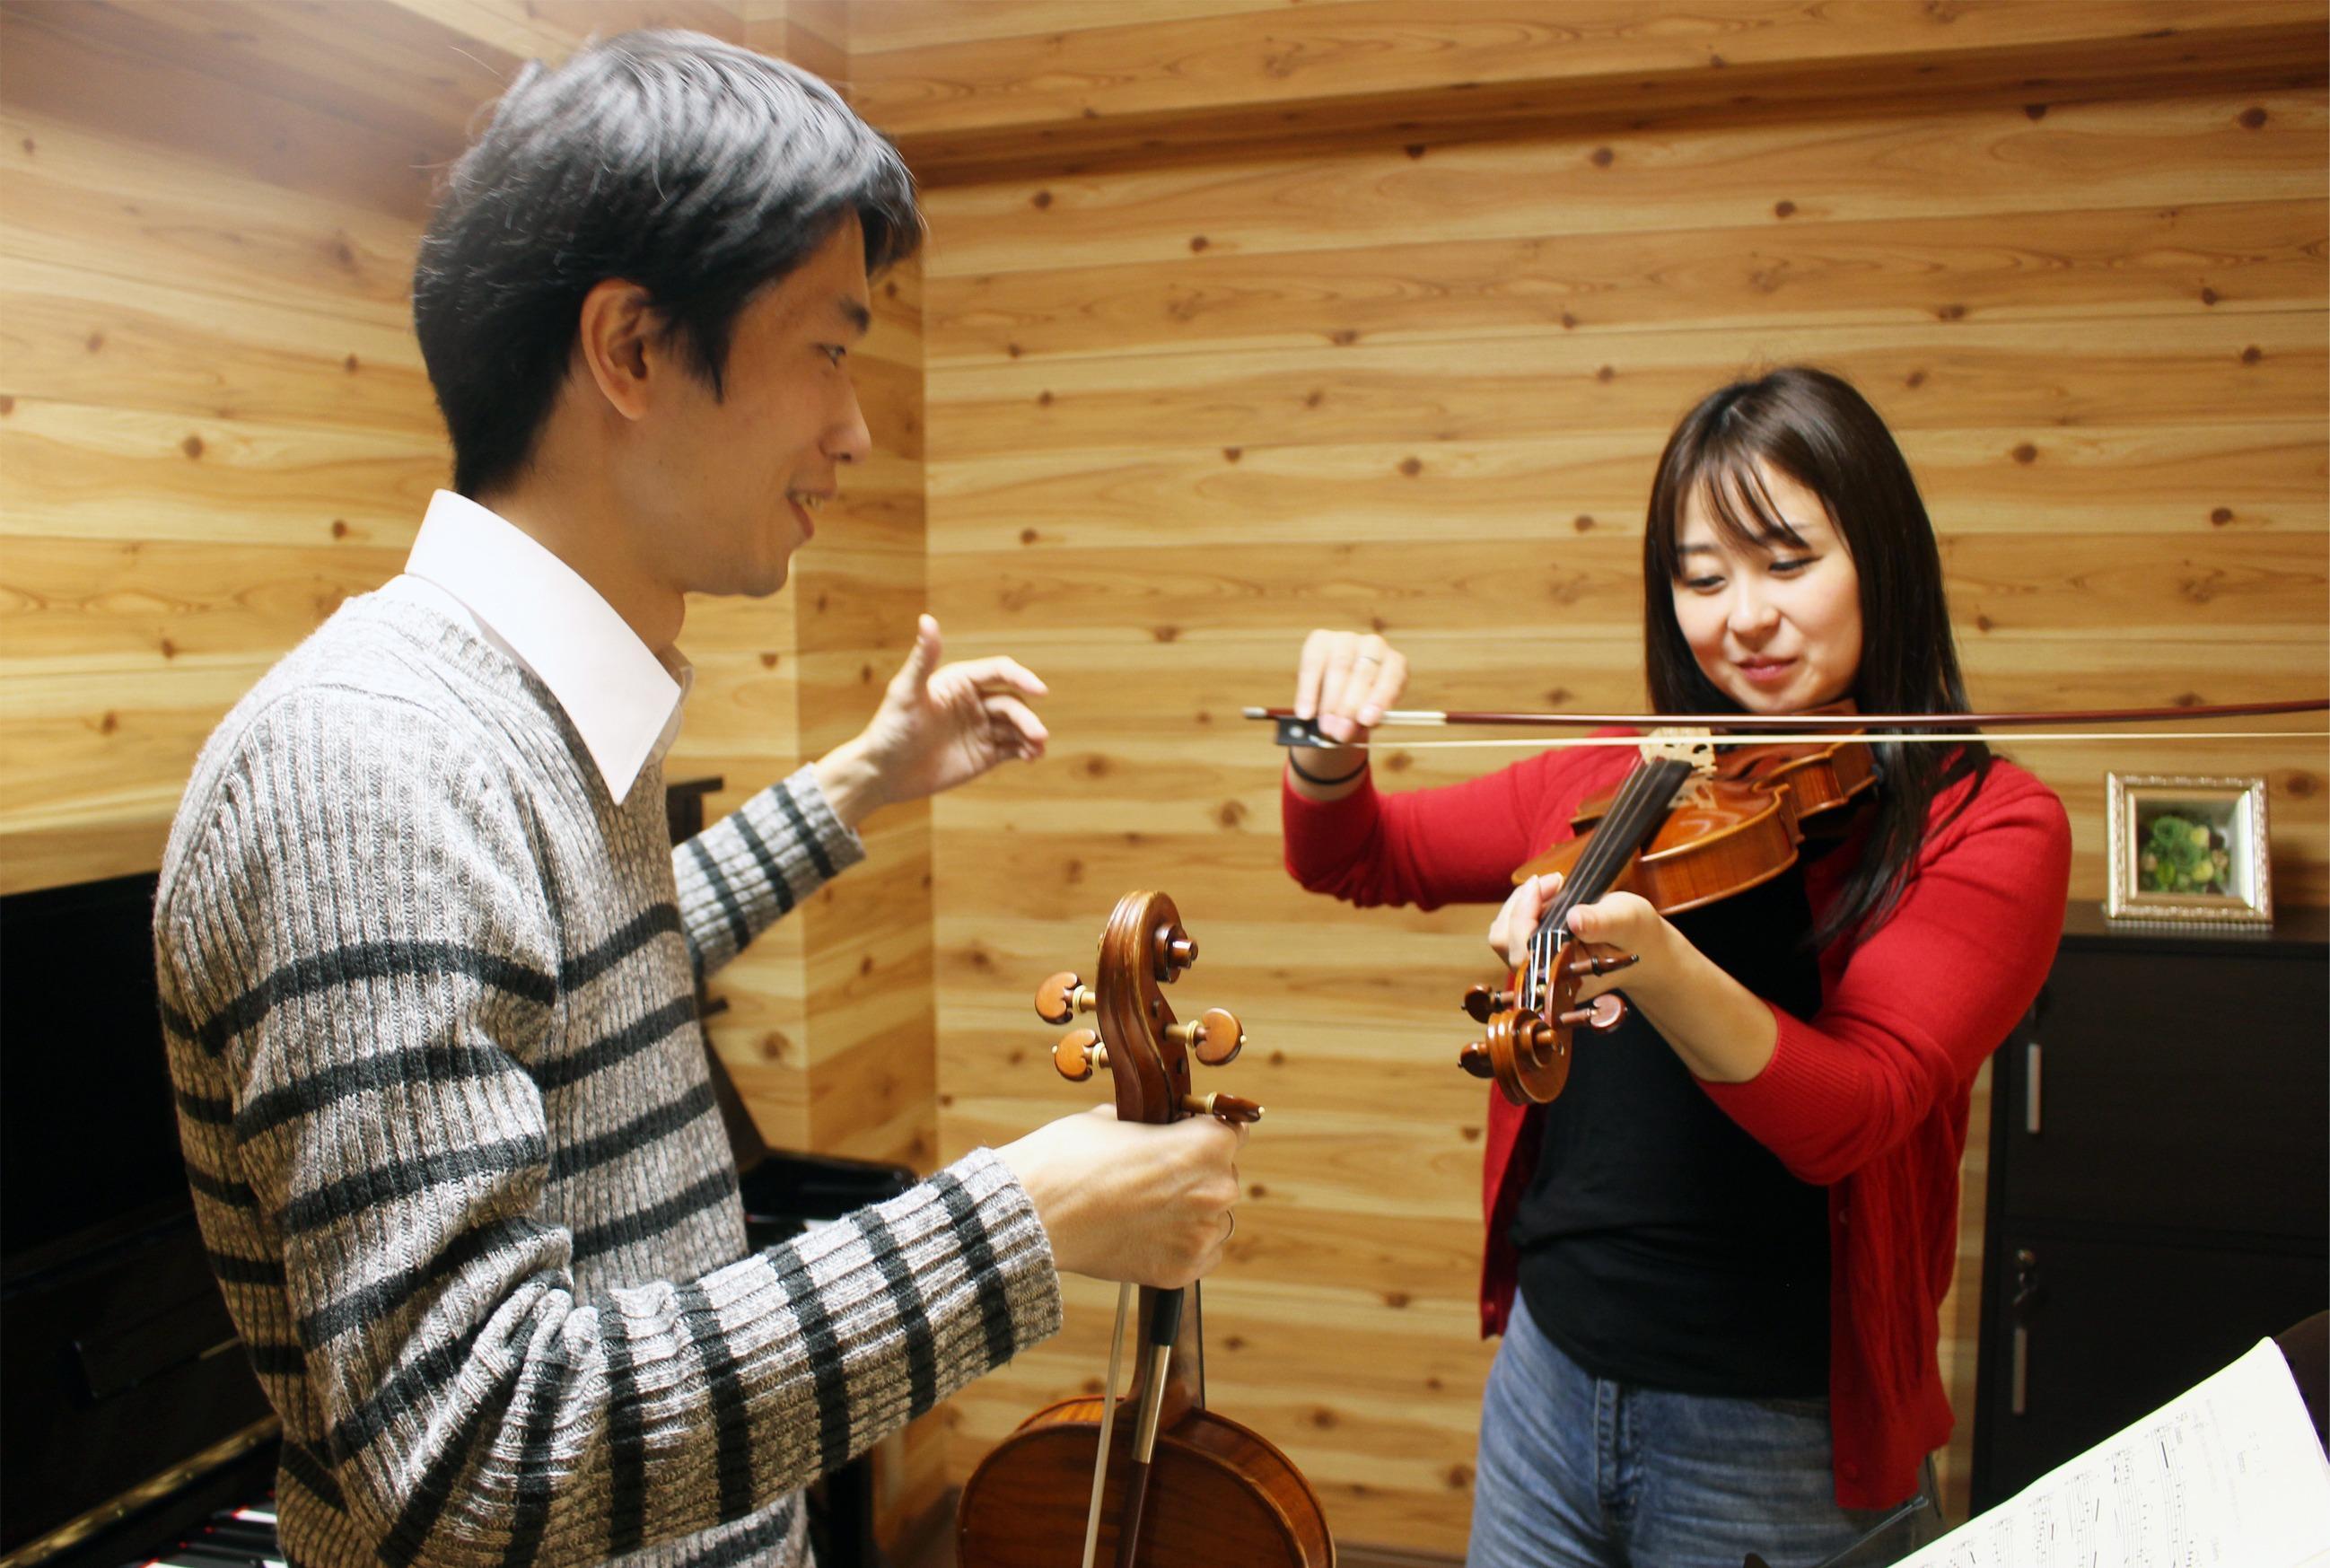 山下ヴァイオリン・ピアノ教室 大阪・本町